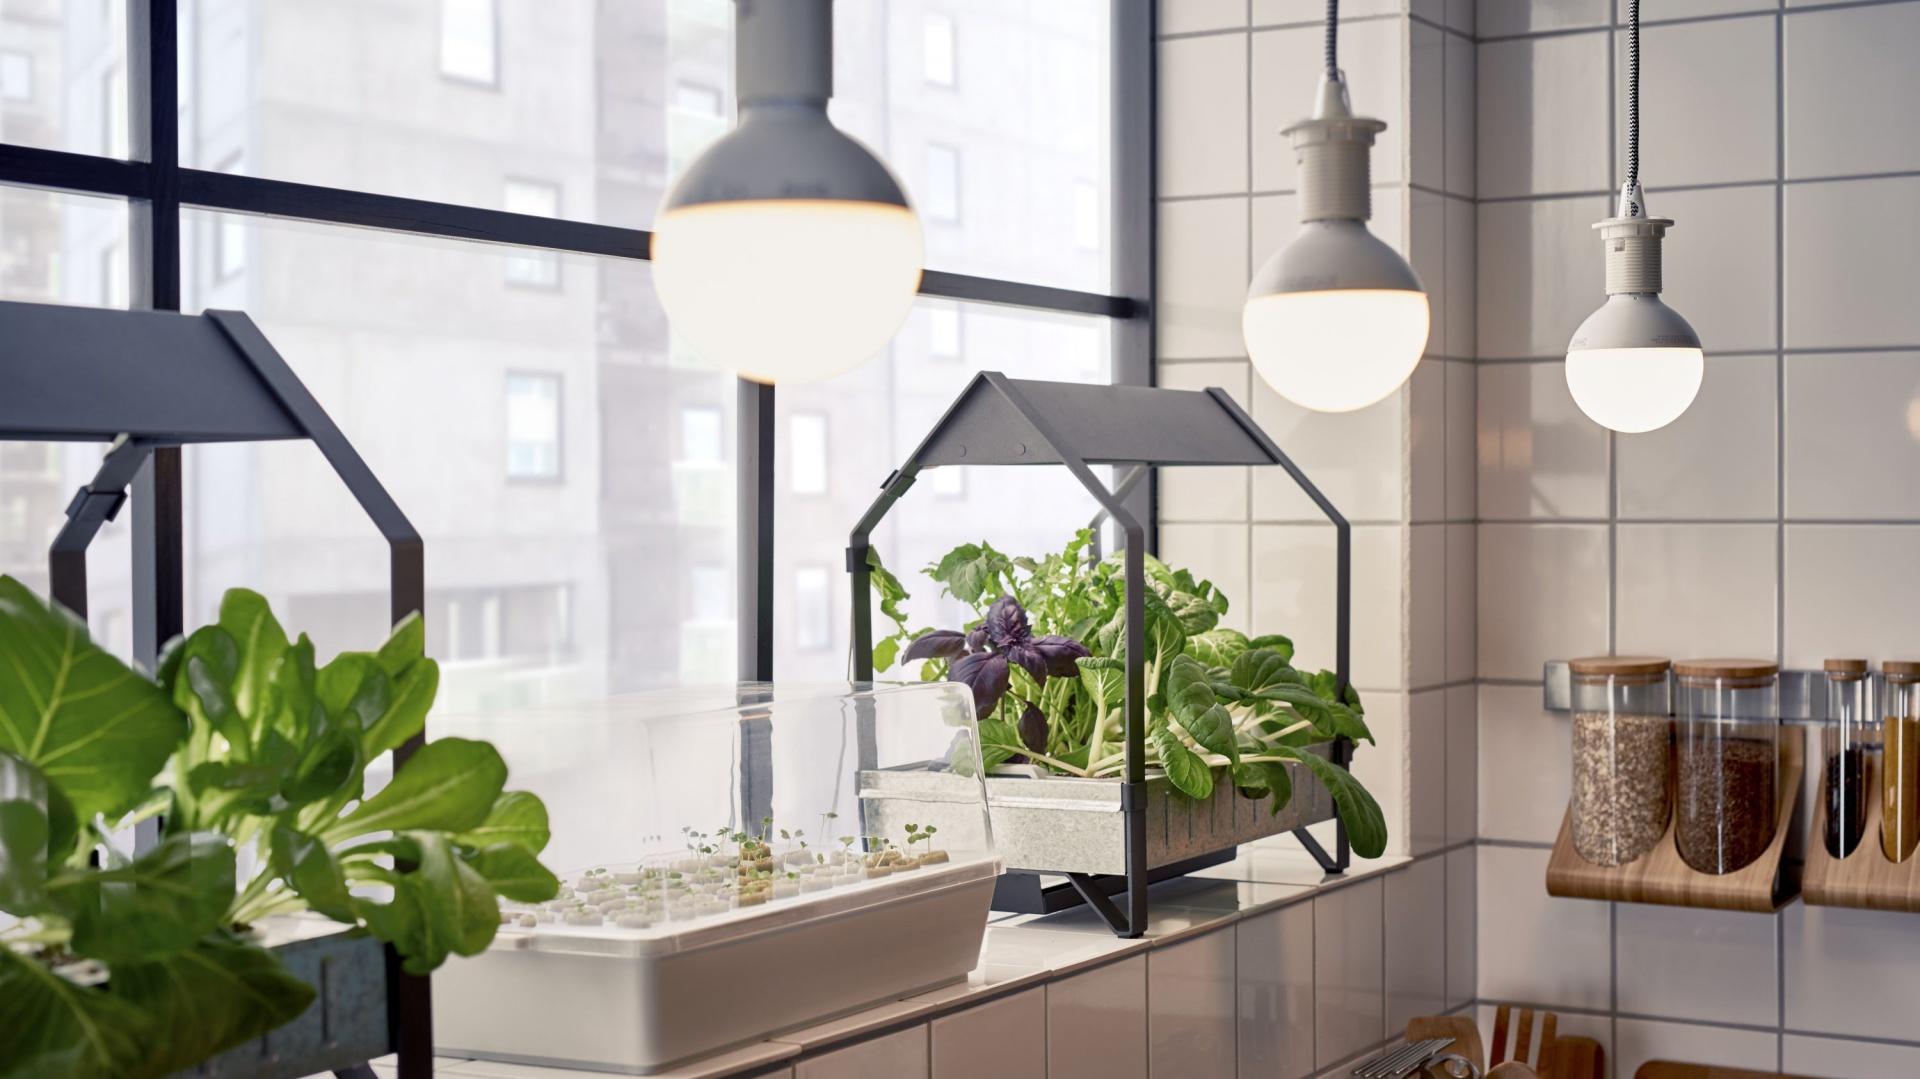 Zestaw do domowych upraw KRYDDA/VÄXER IKEA, fot. materiały prasowe